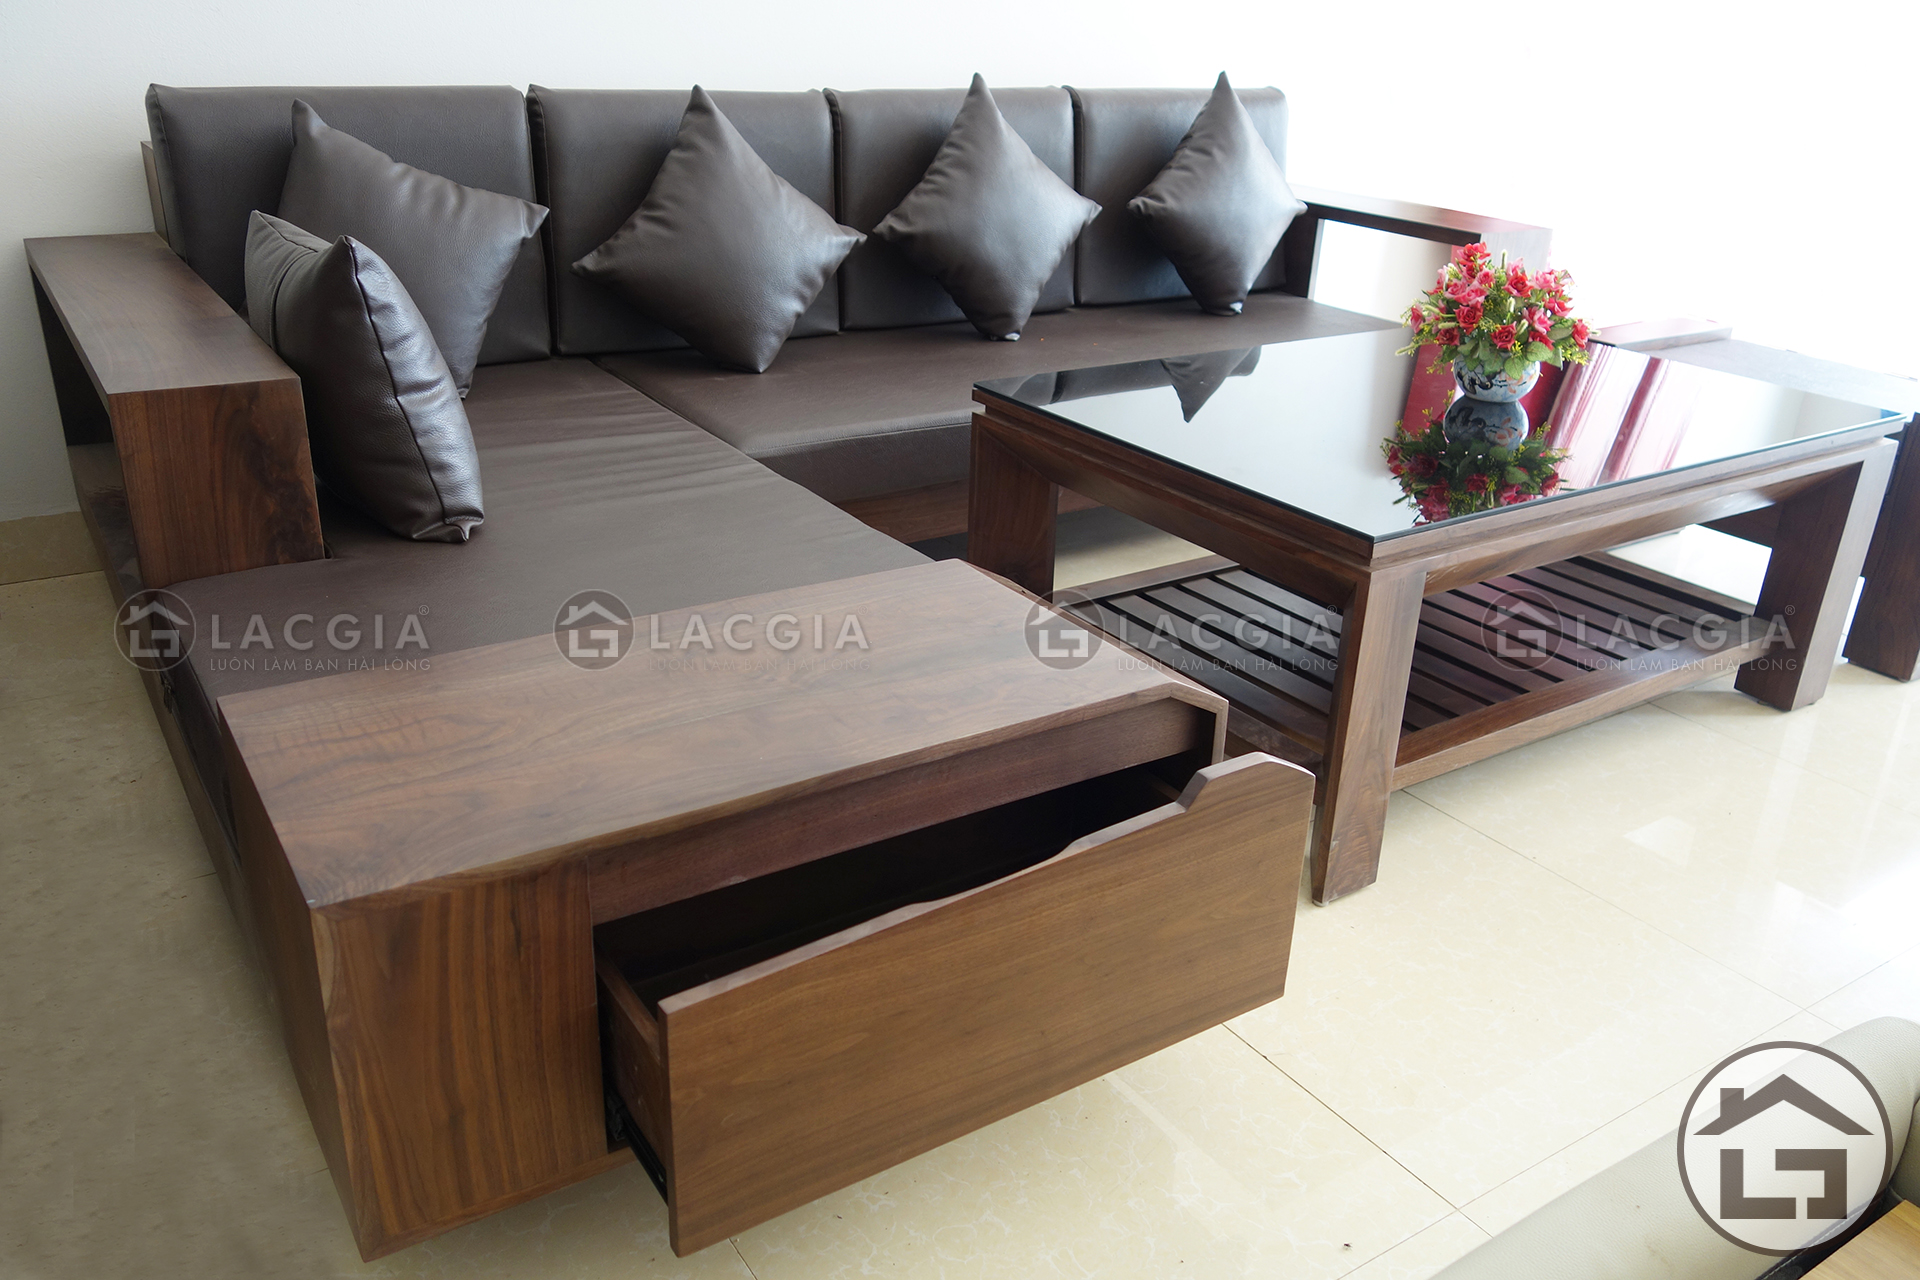 Mẫu sofa gỗ chữ L, giá rẻ cho phòng khách đẹp